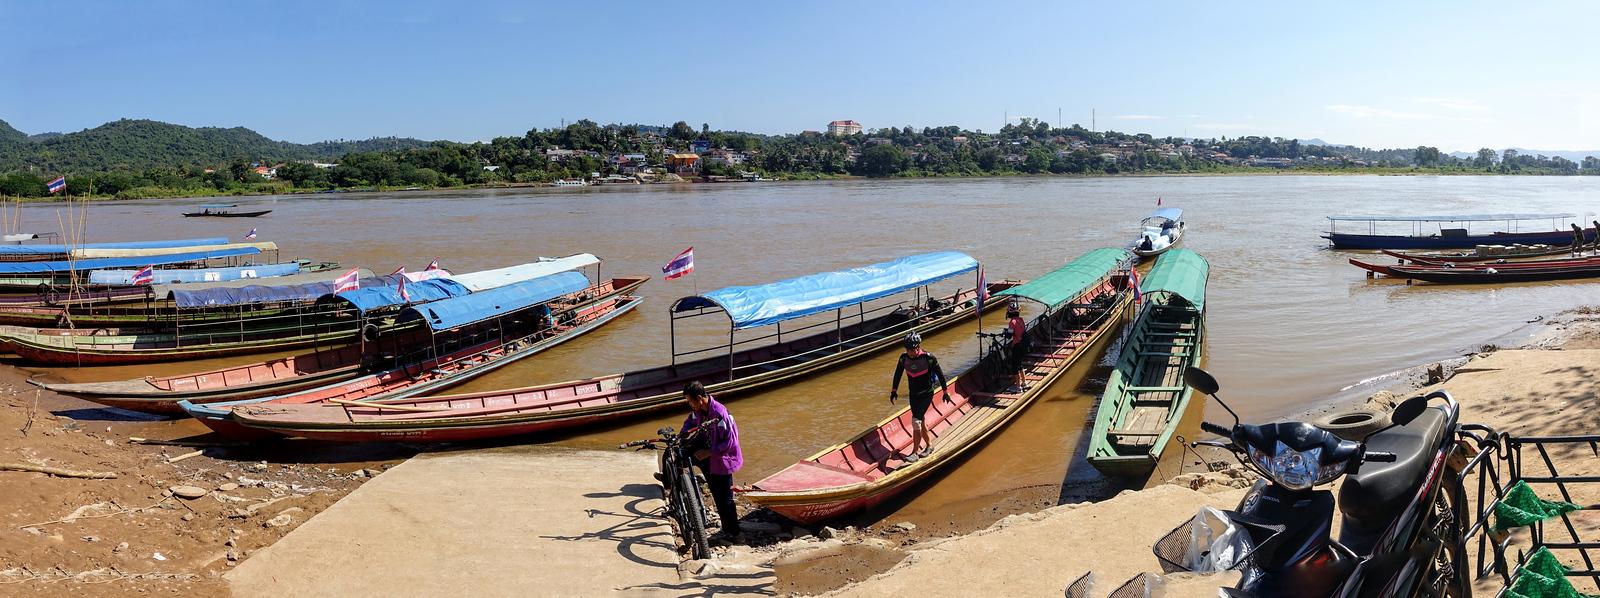 Chiang Khong Thai/Laos Port & View of Huay Xai, Laos